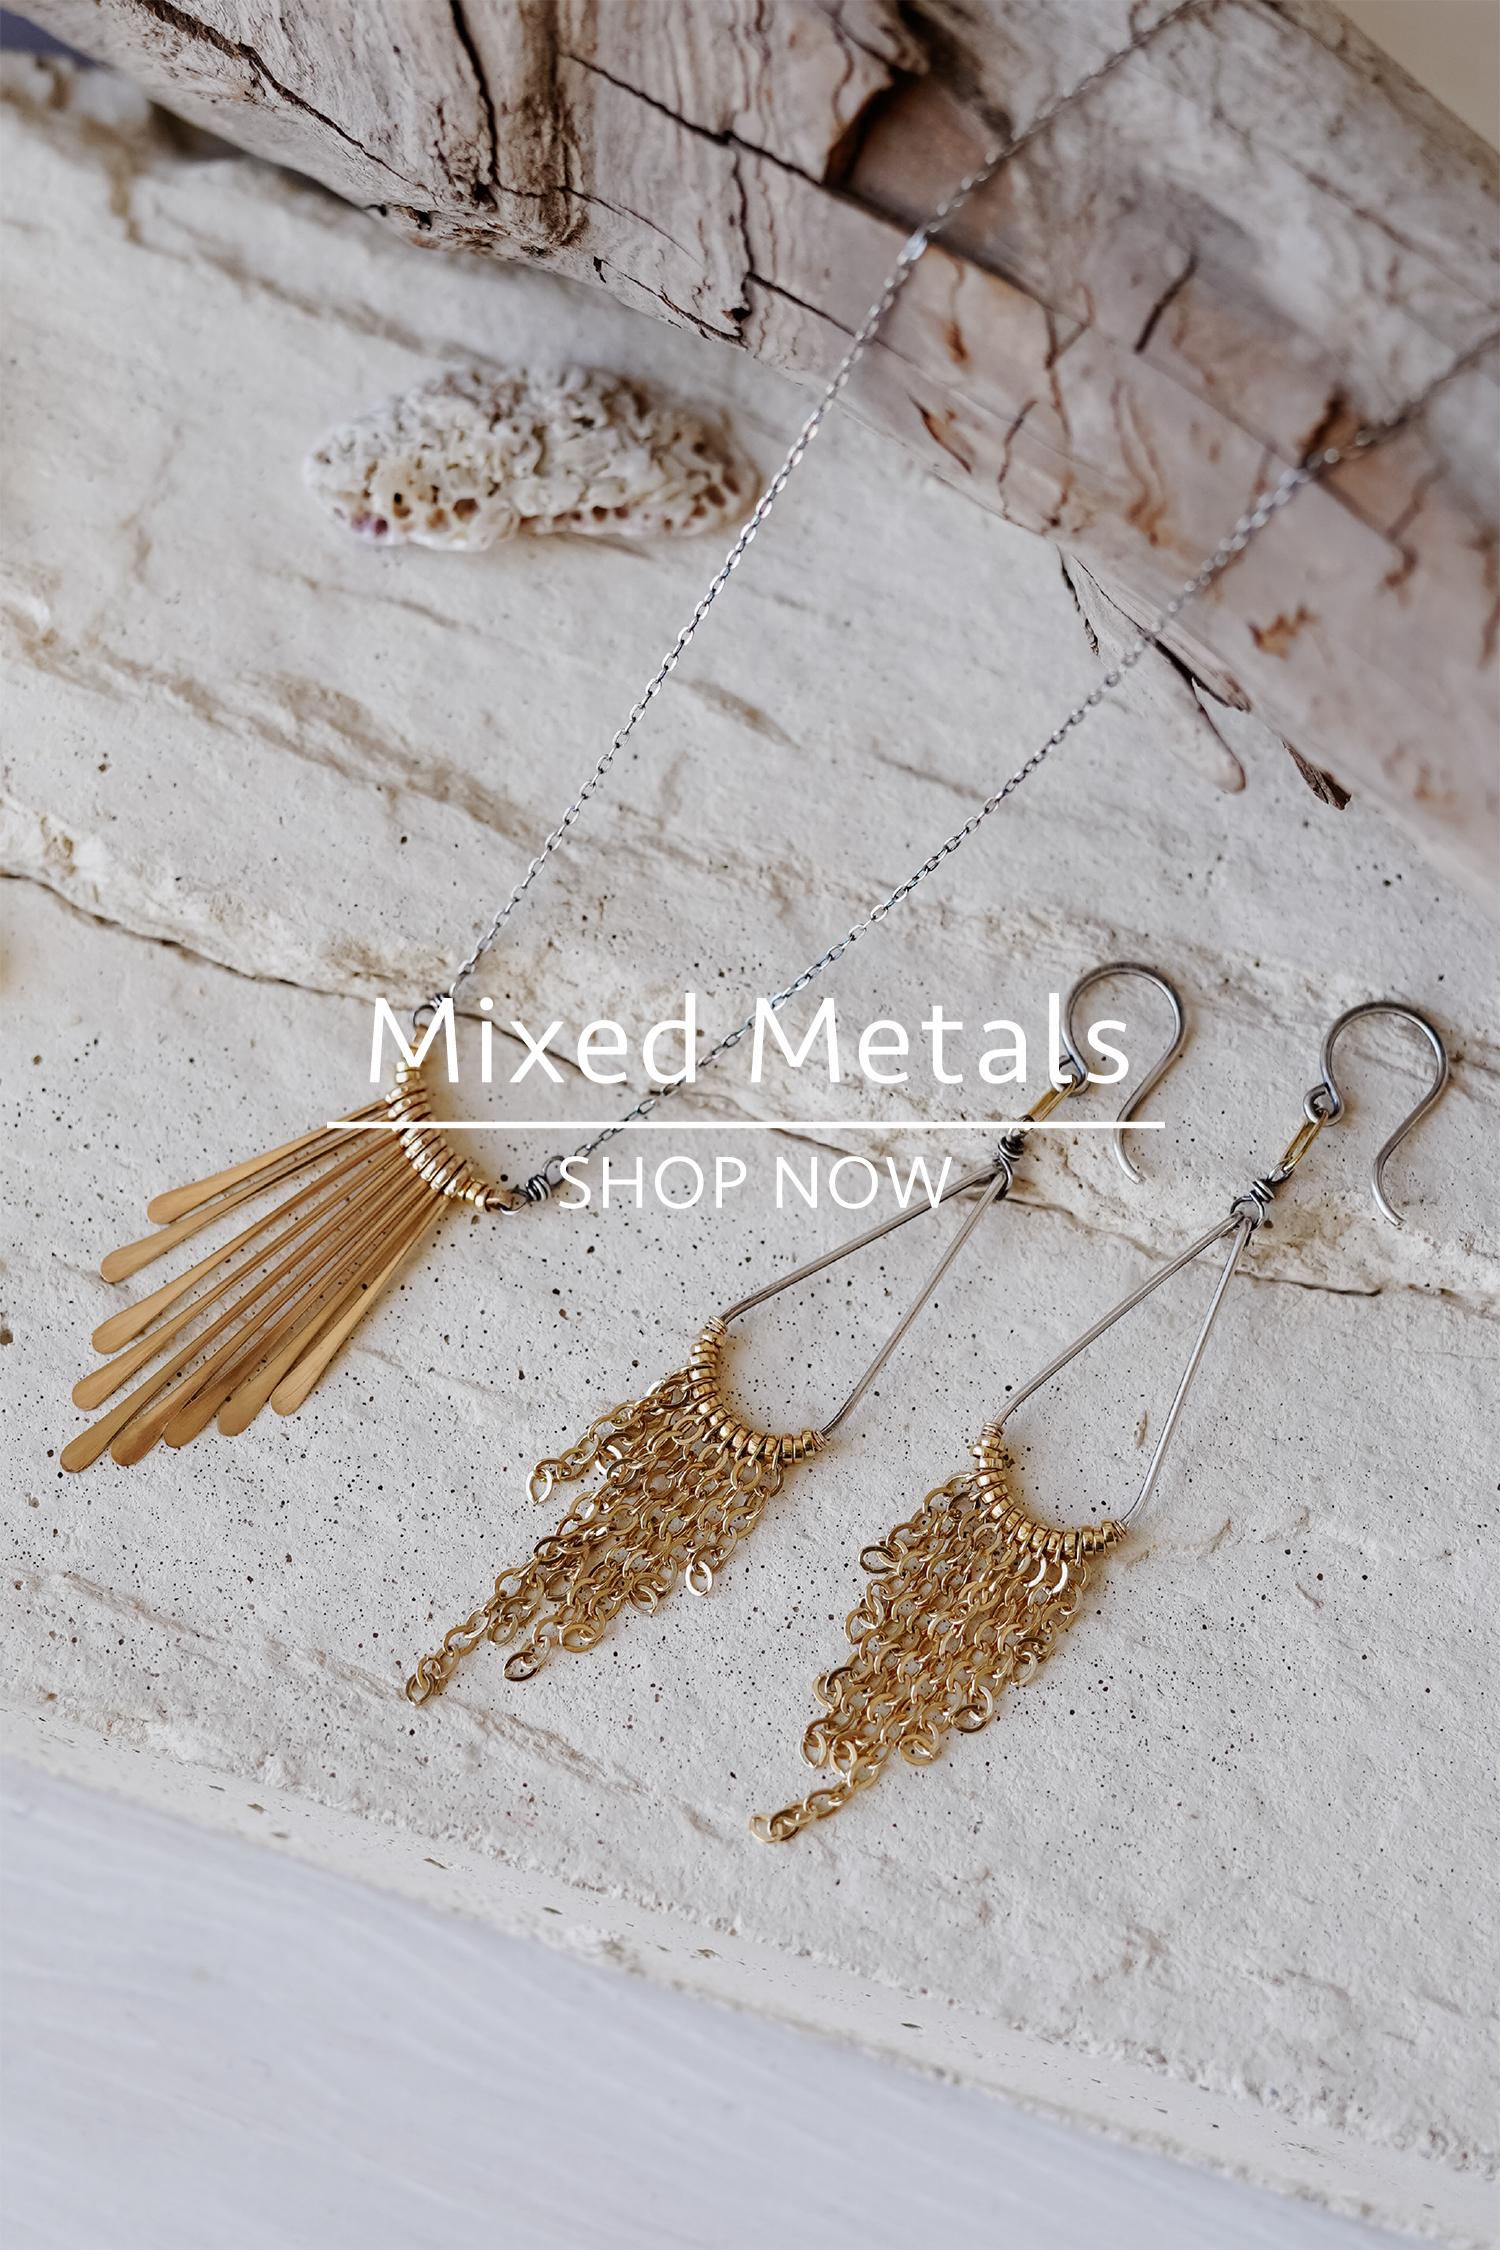 mixedmetals.jpg